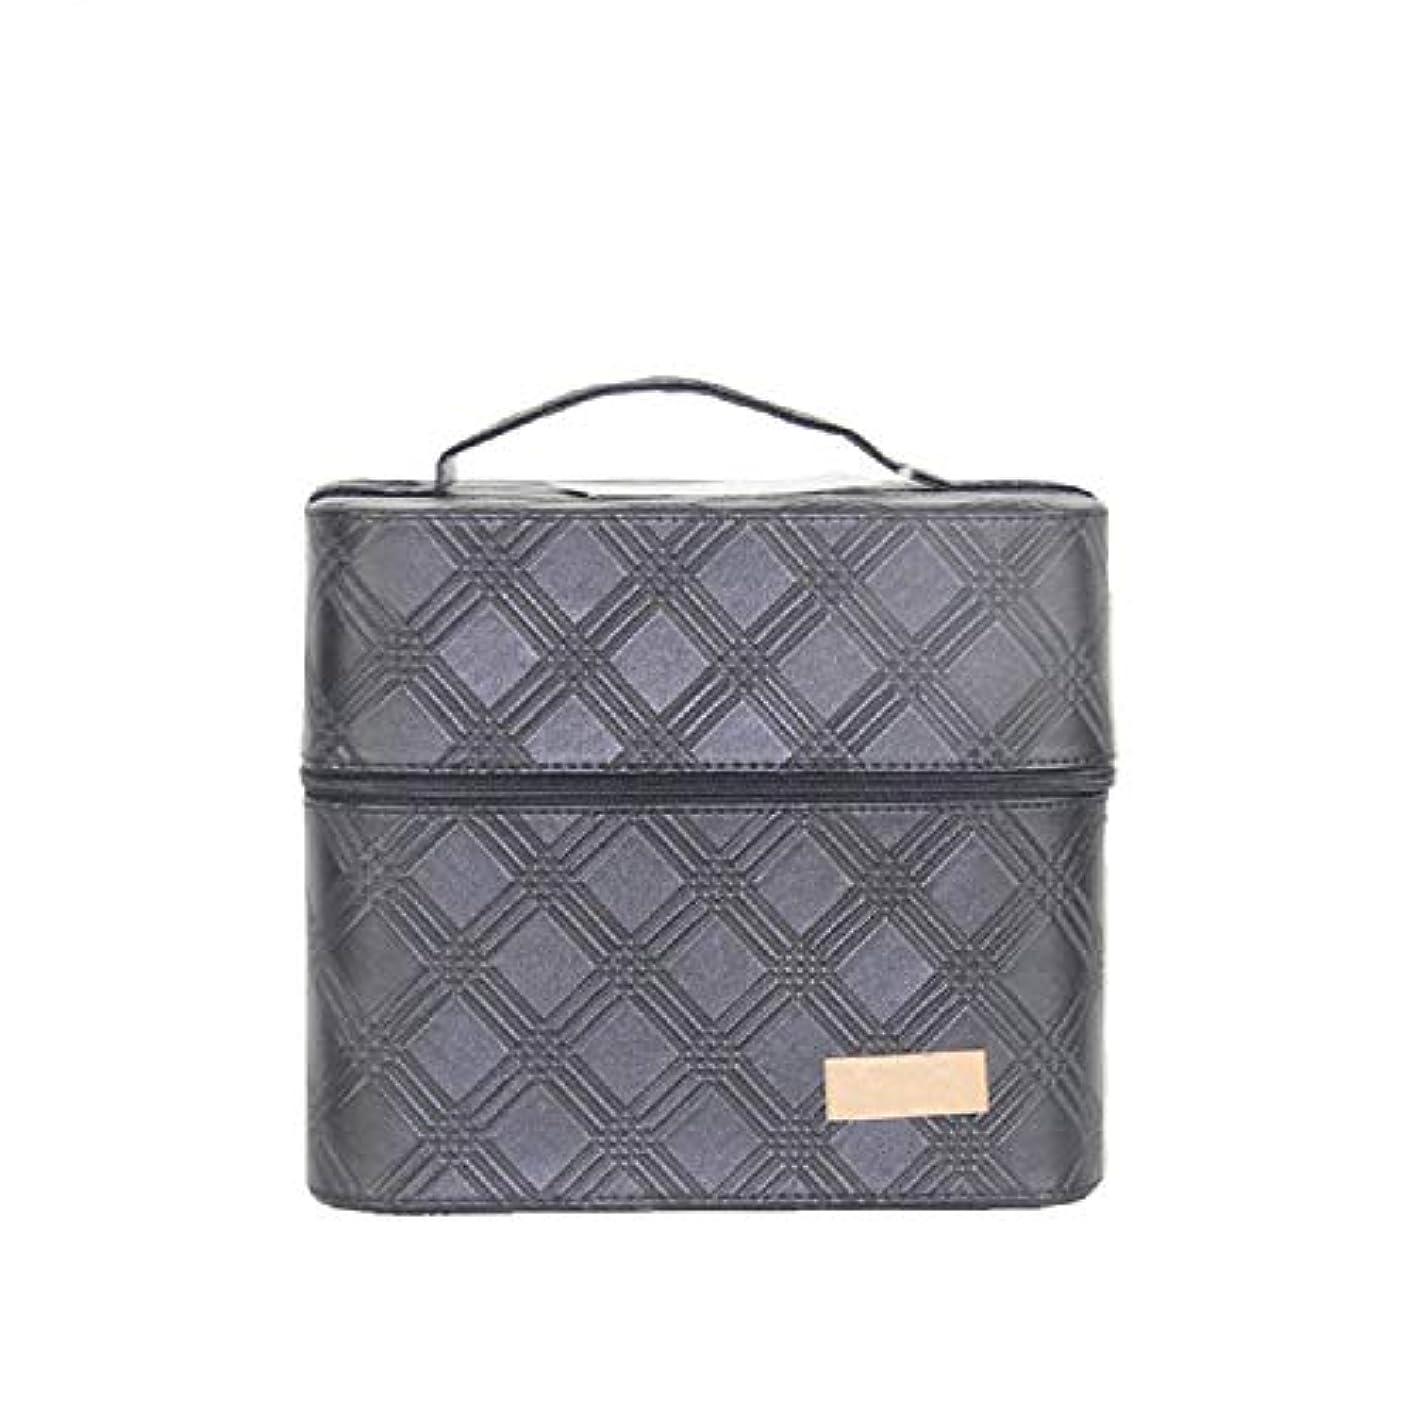 城苦しむ取り戻す化粧オーガナイザーバッグ ジッパーと2つのトレイで小さなものの種類の旅行のための美容メイクアップのための黒のポータブル化粧品バッグ 化粧品ケース